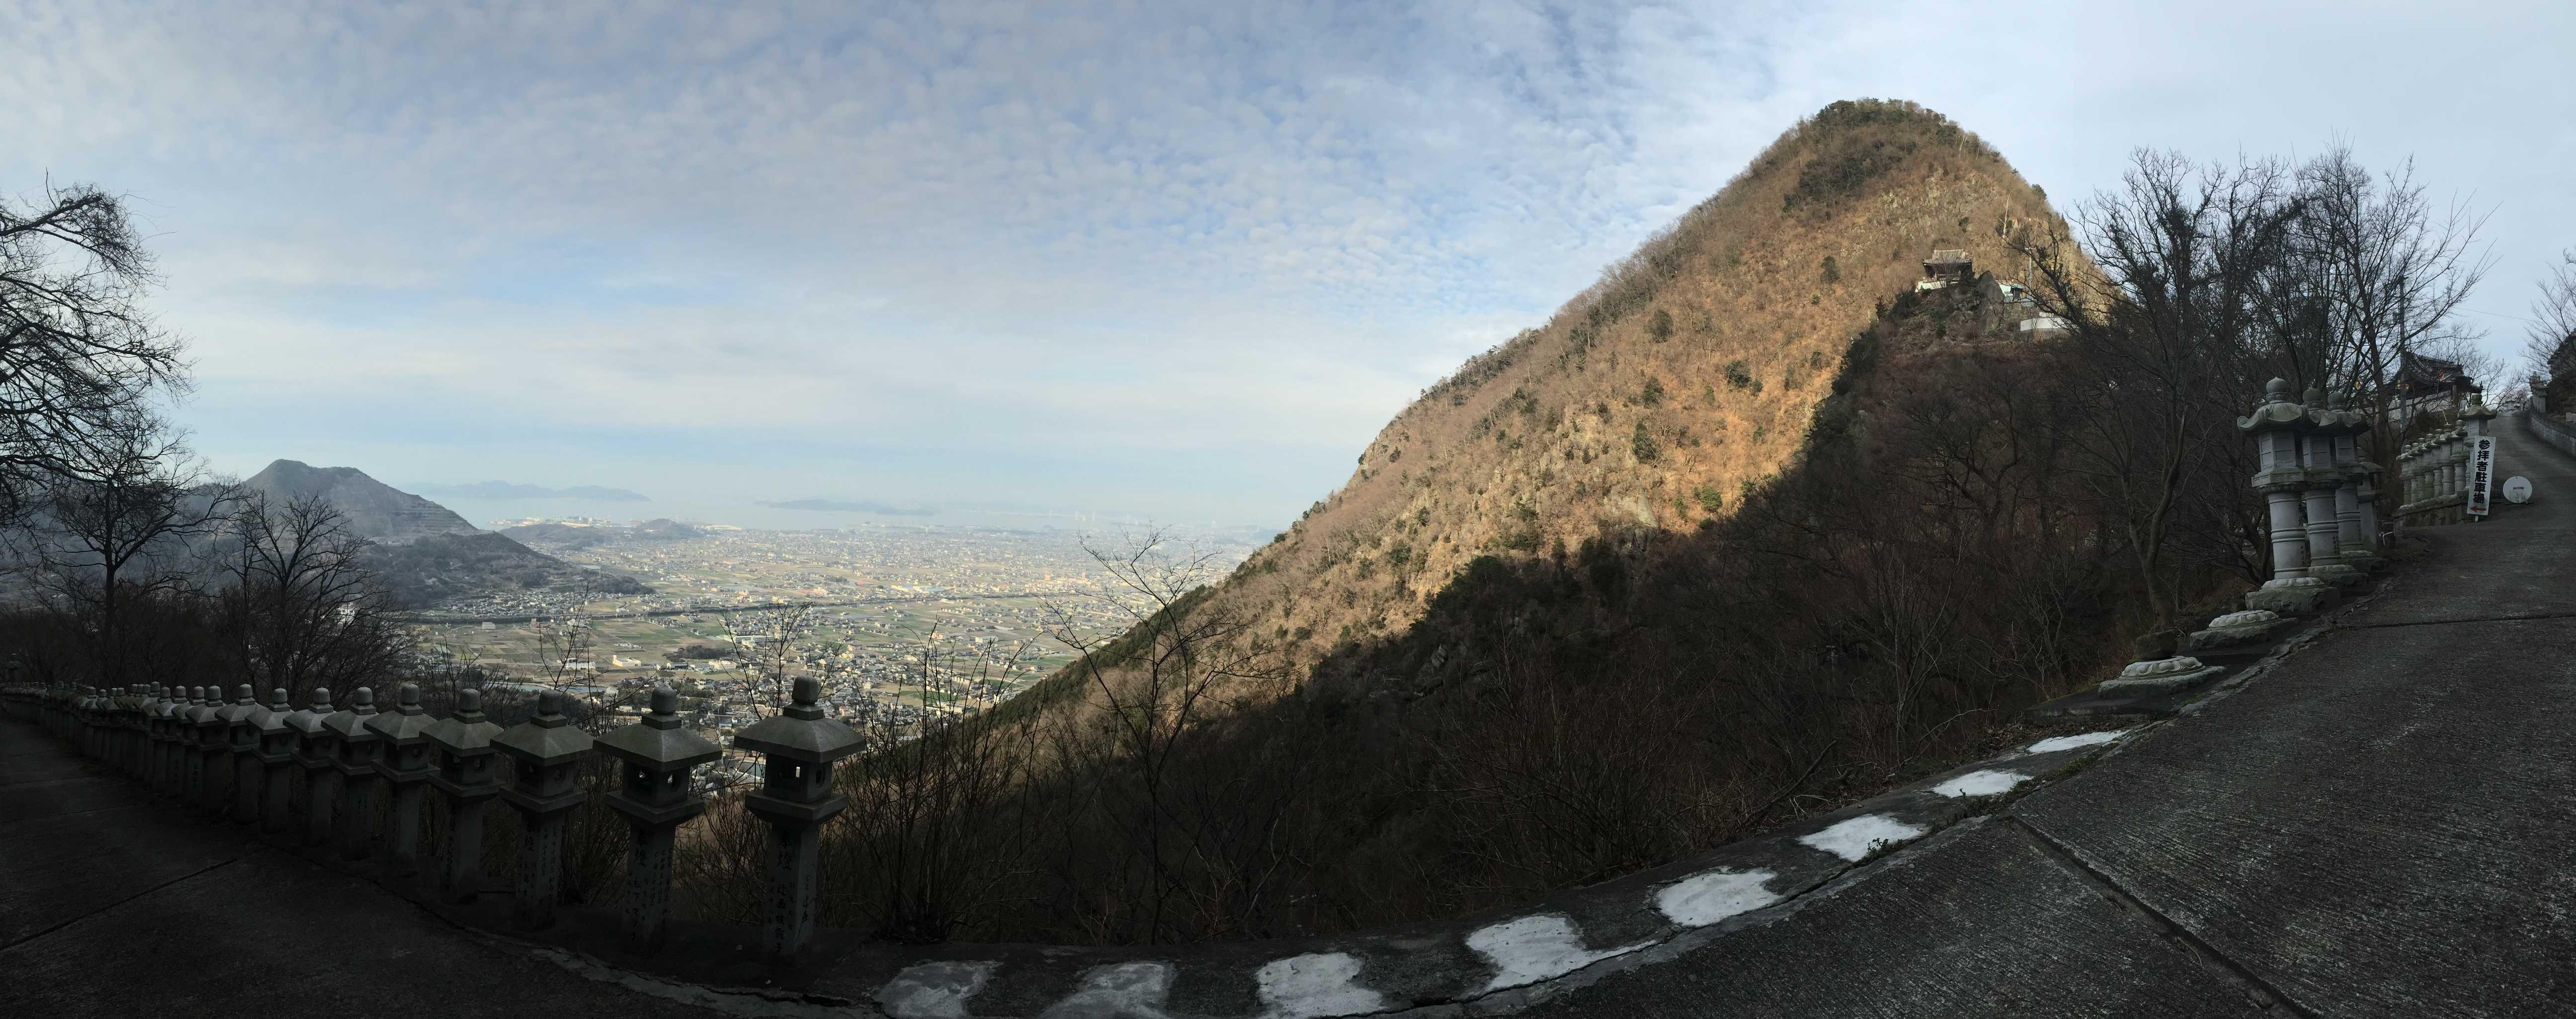 奥の院禅定から見たパノラマ風景